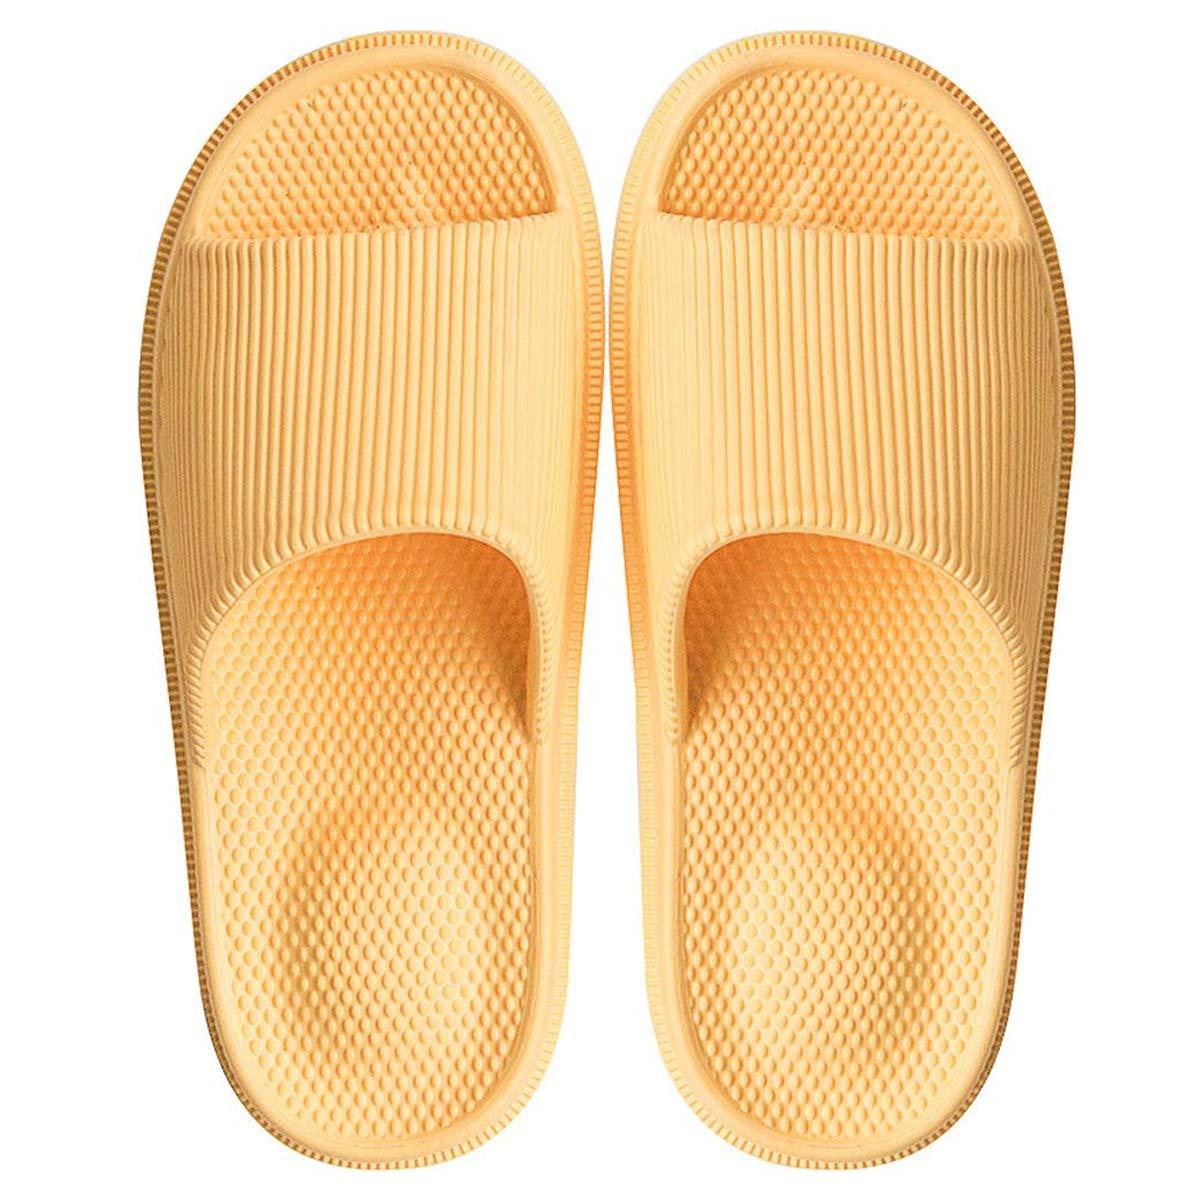 Decai Pantoufles Antid/érapantes pour Femmes Hommes /Ét/é Chaussons Massages Pantoufles Plage Sandales Piscine Claquette Bout Ouvert Maison Mule Salle de Bains Chaussures